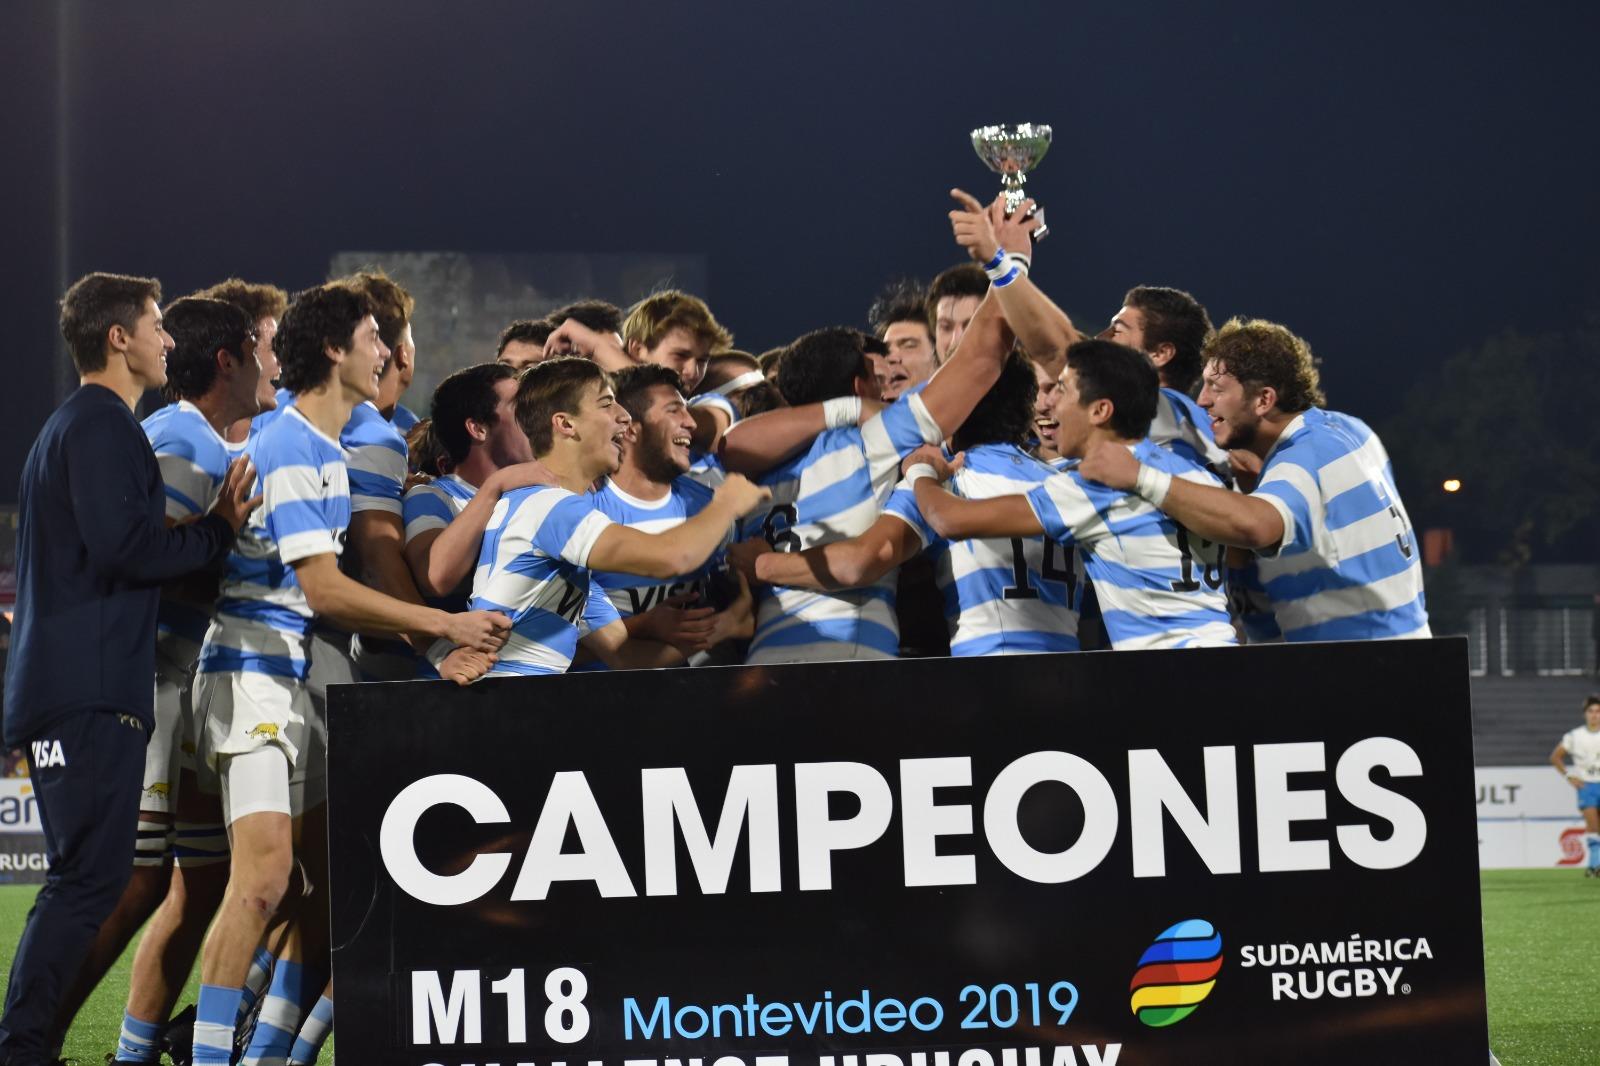 Argentina campeón del Sudamericano M18 Challenge